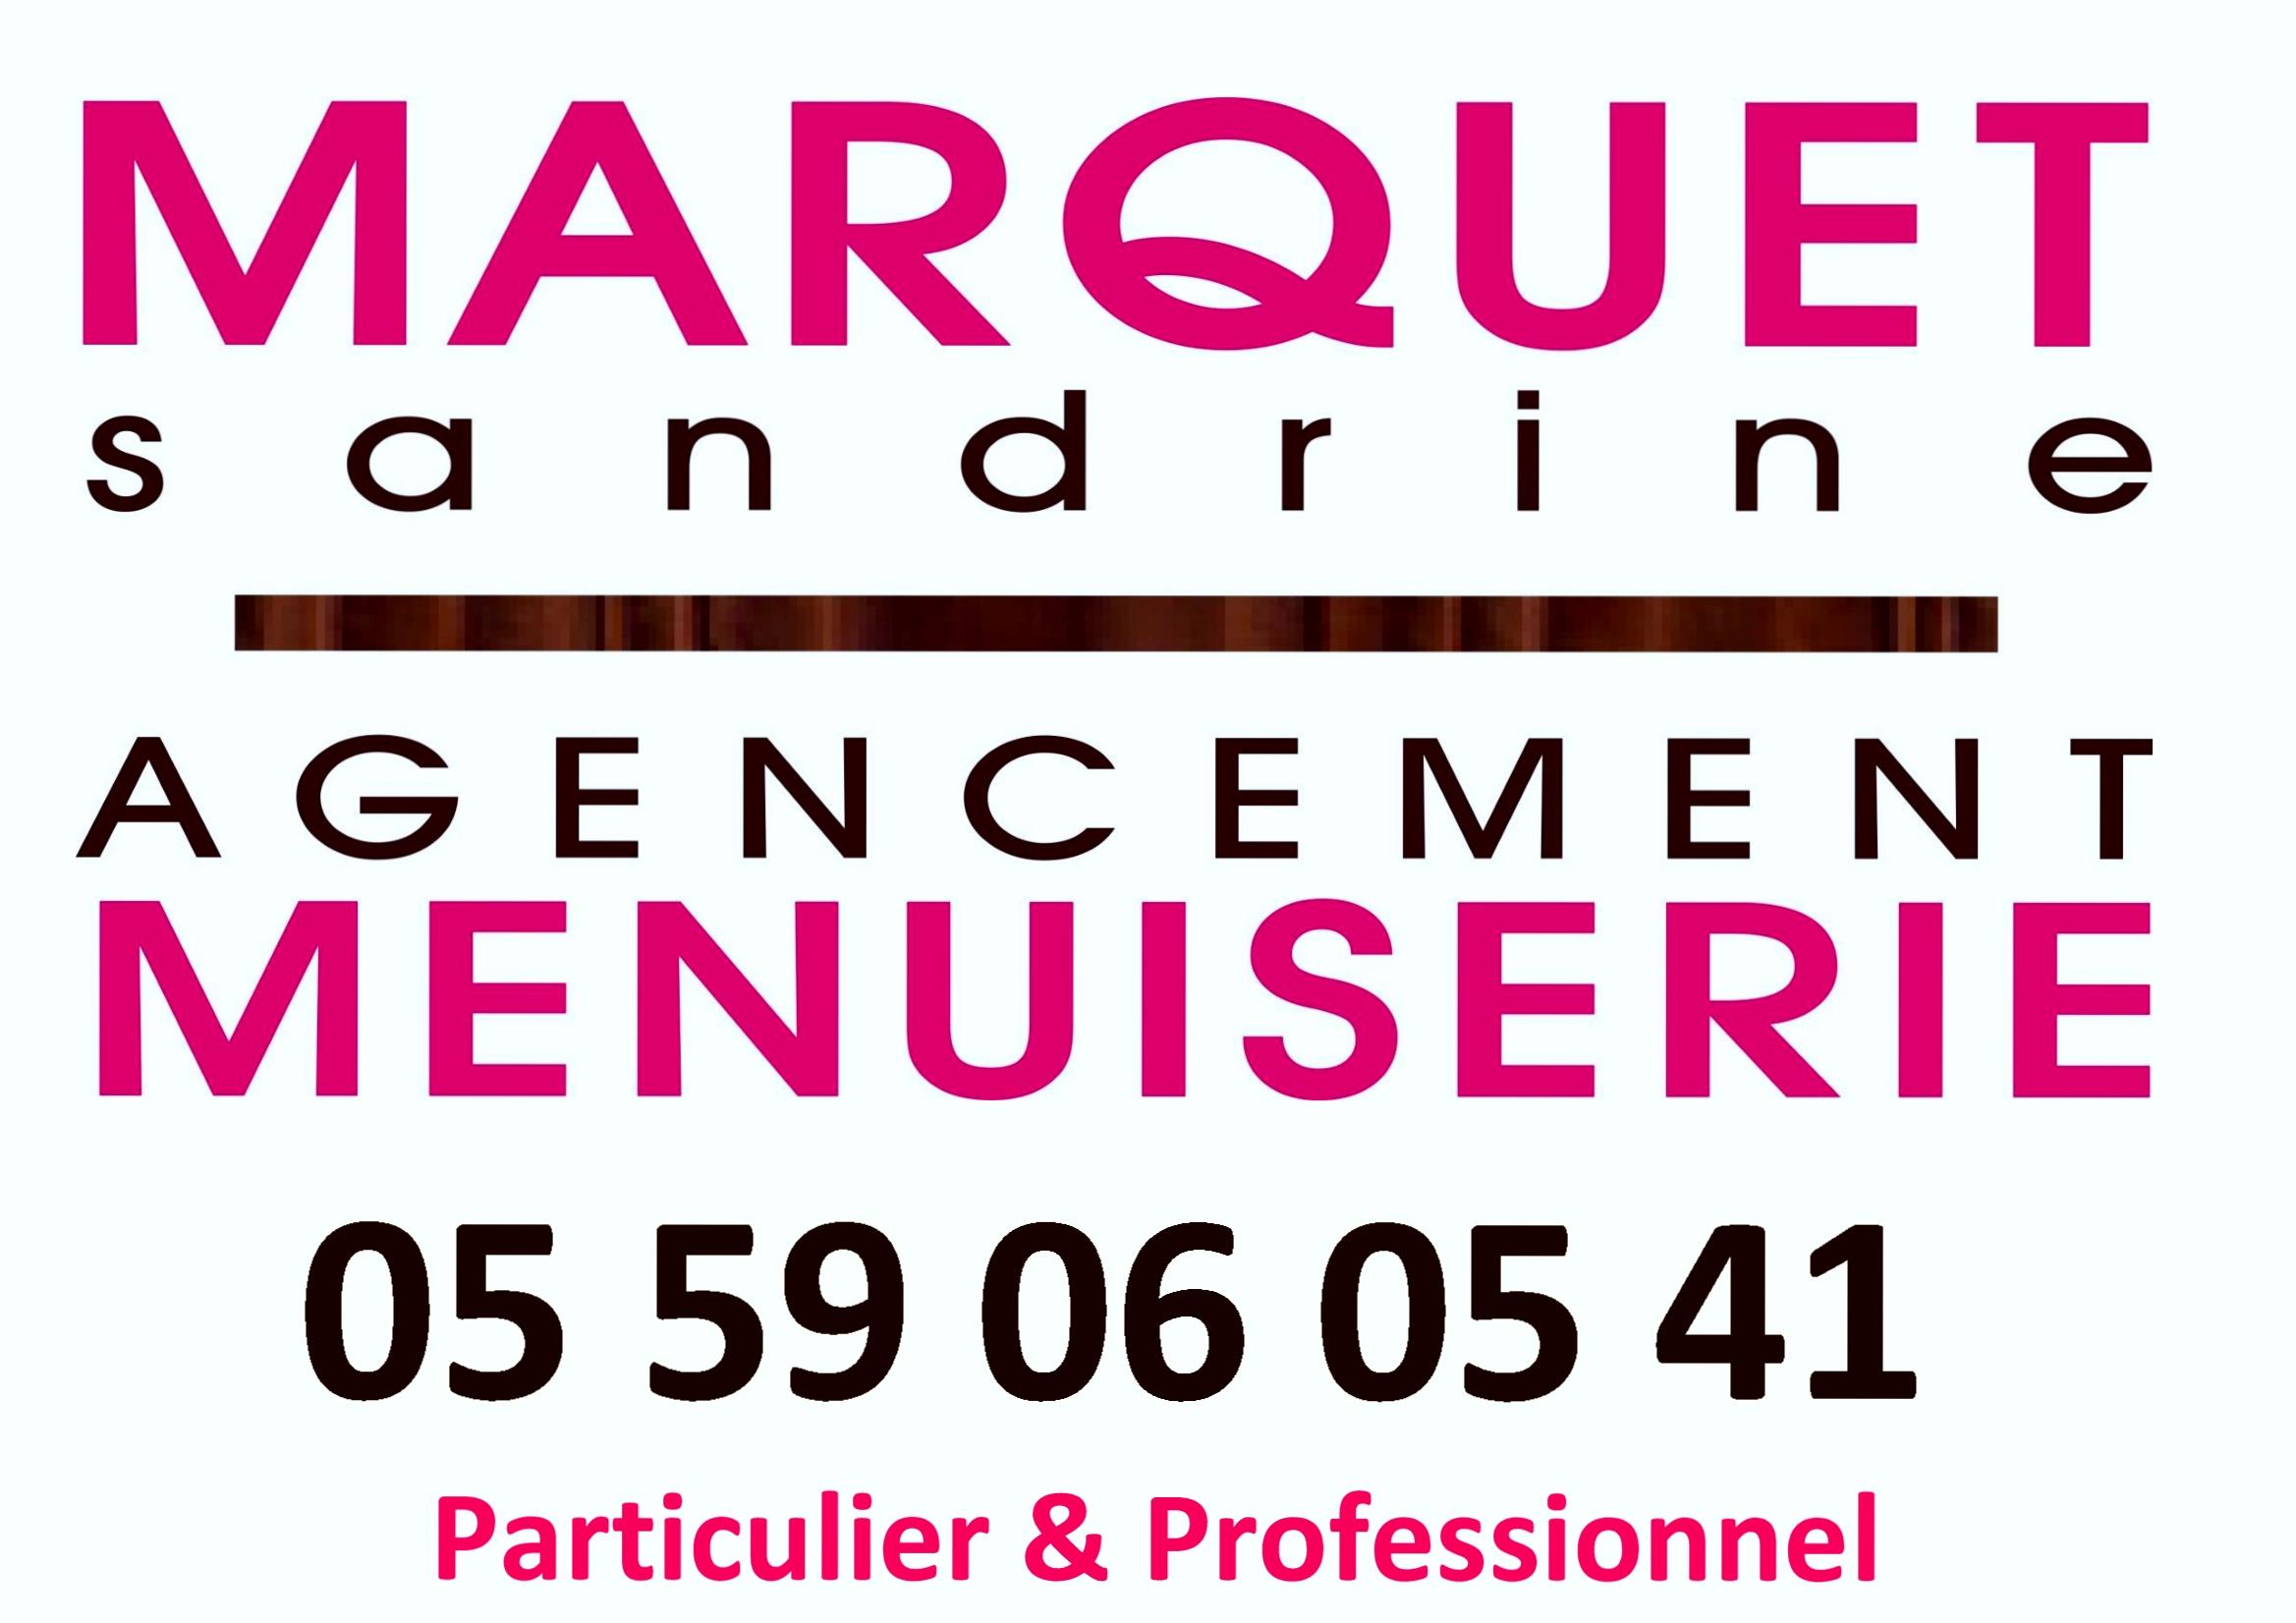 MARQUET-PANNEAU-PUB